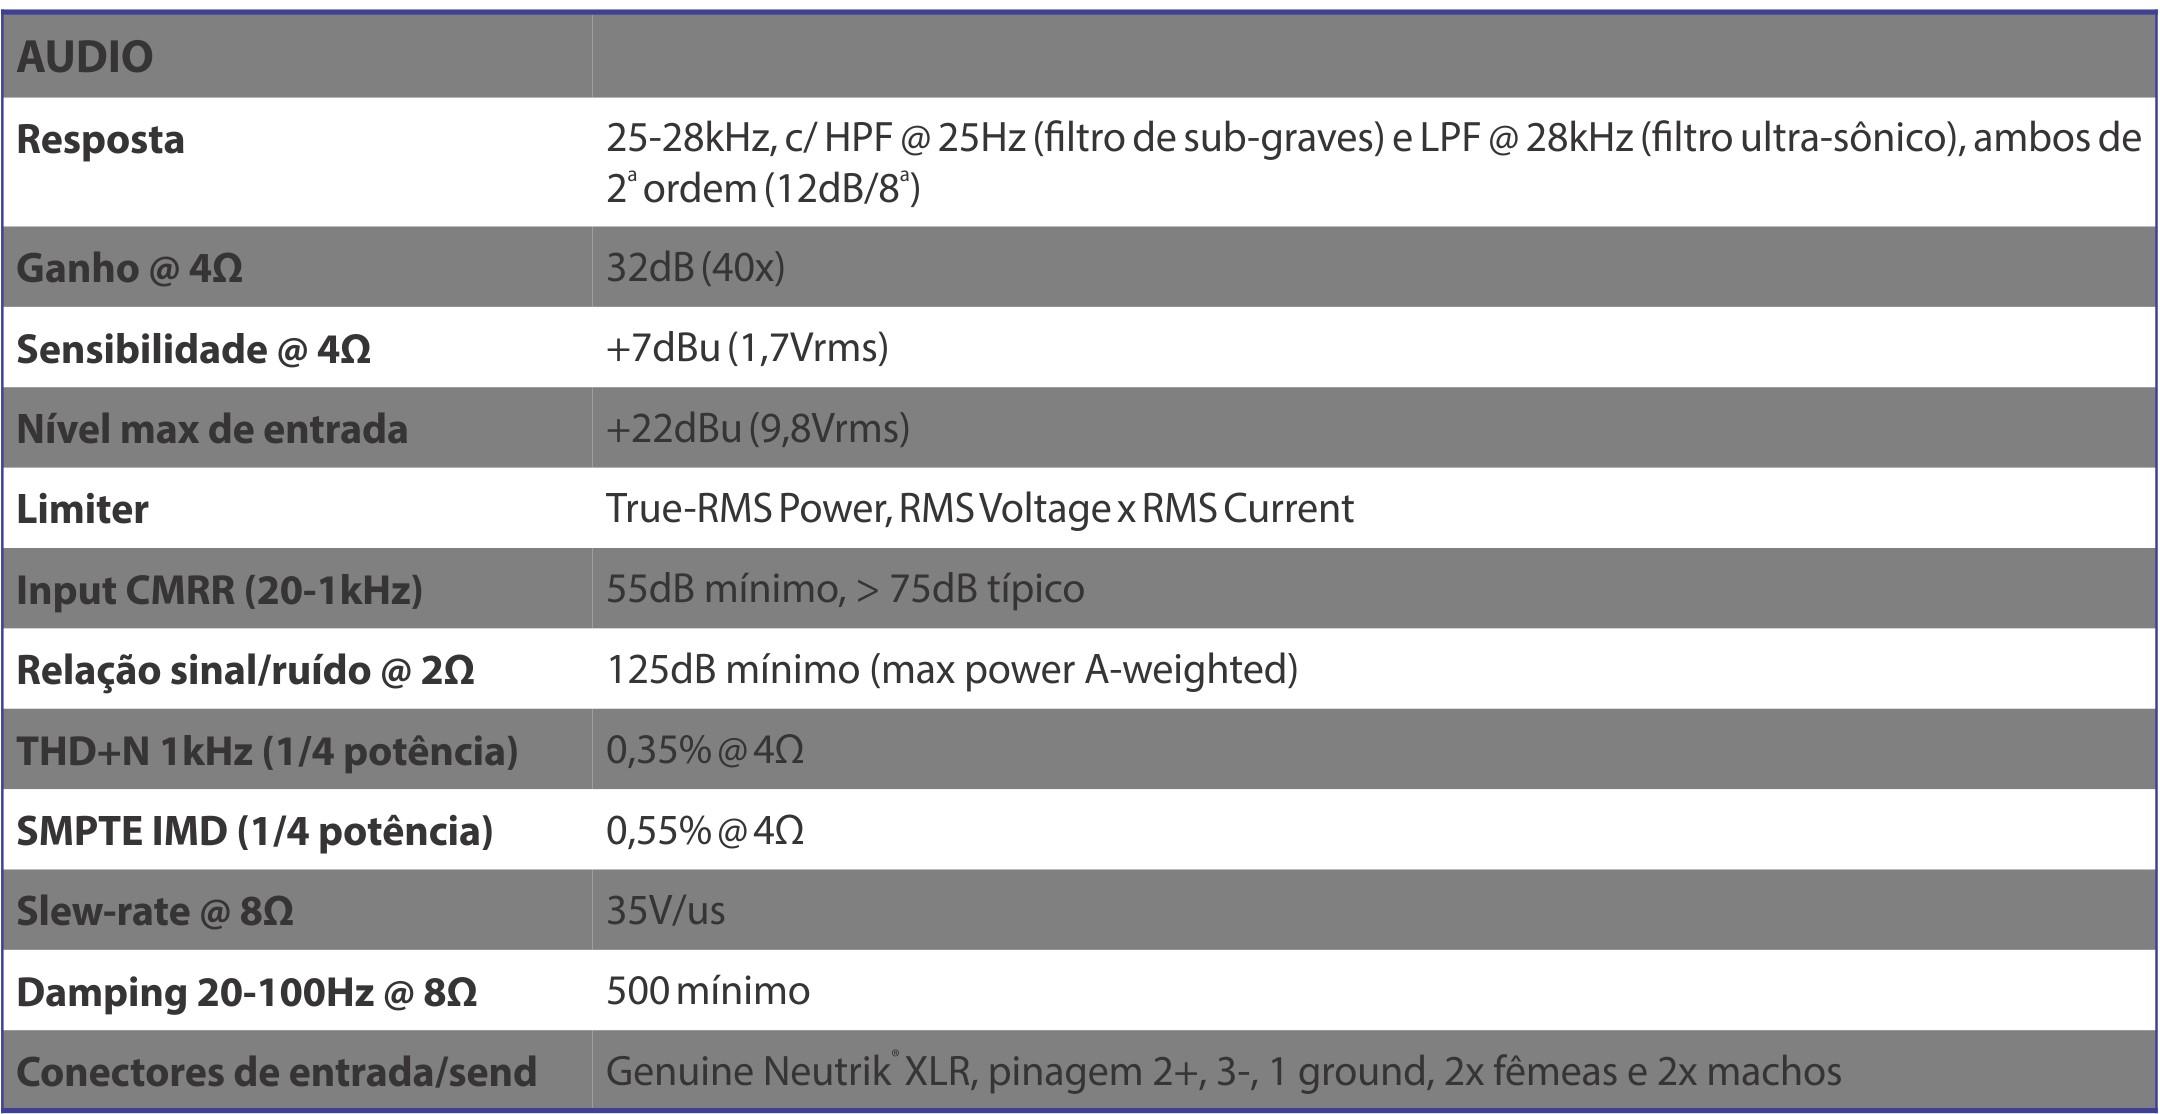 Amplificador NEXT PRO R3 Especificacoes tecnicas